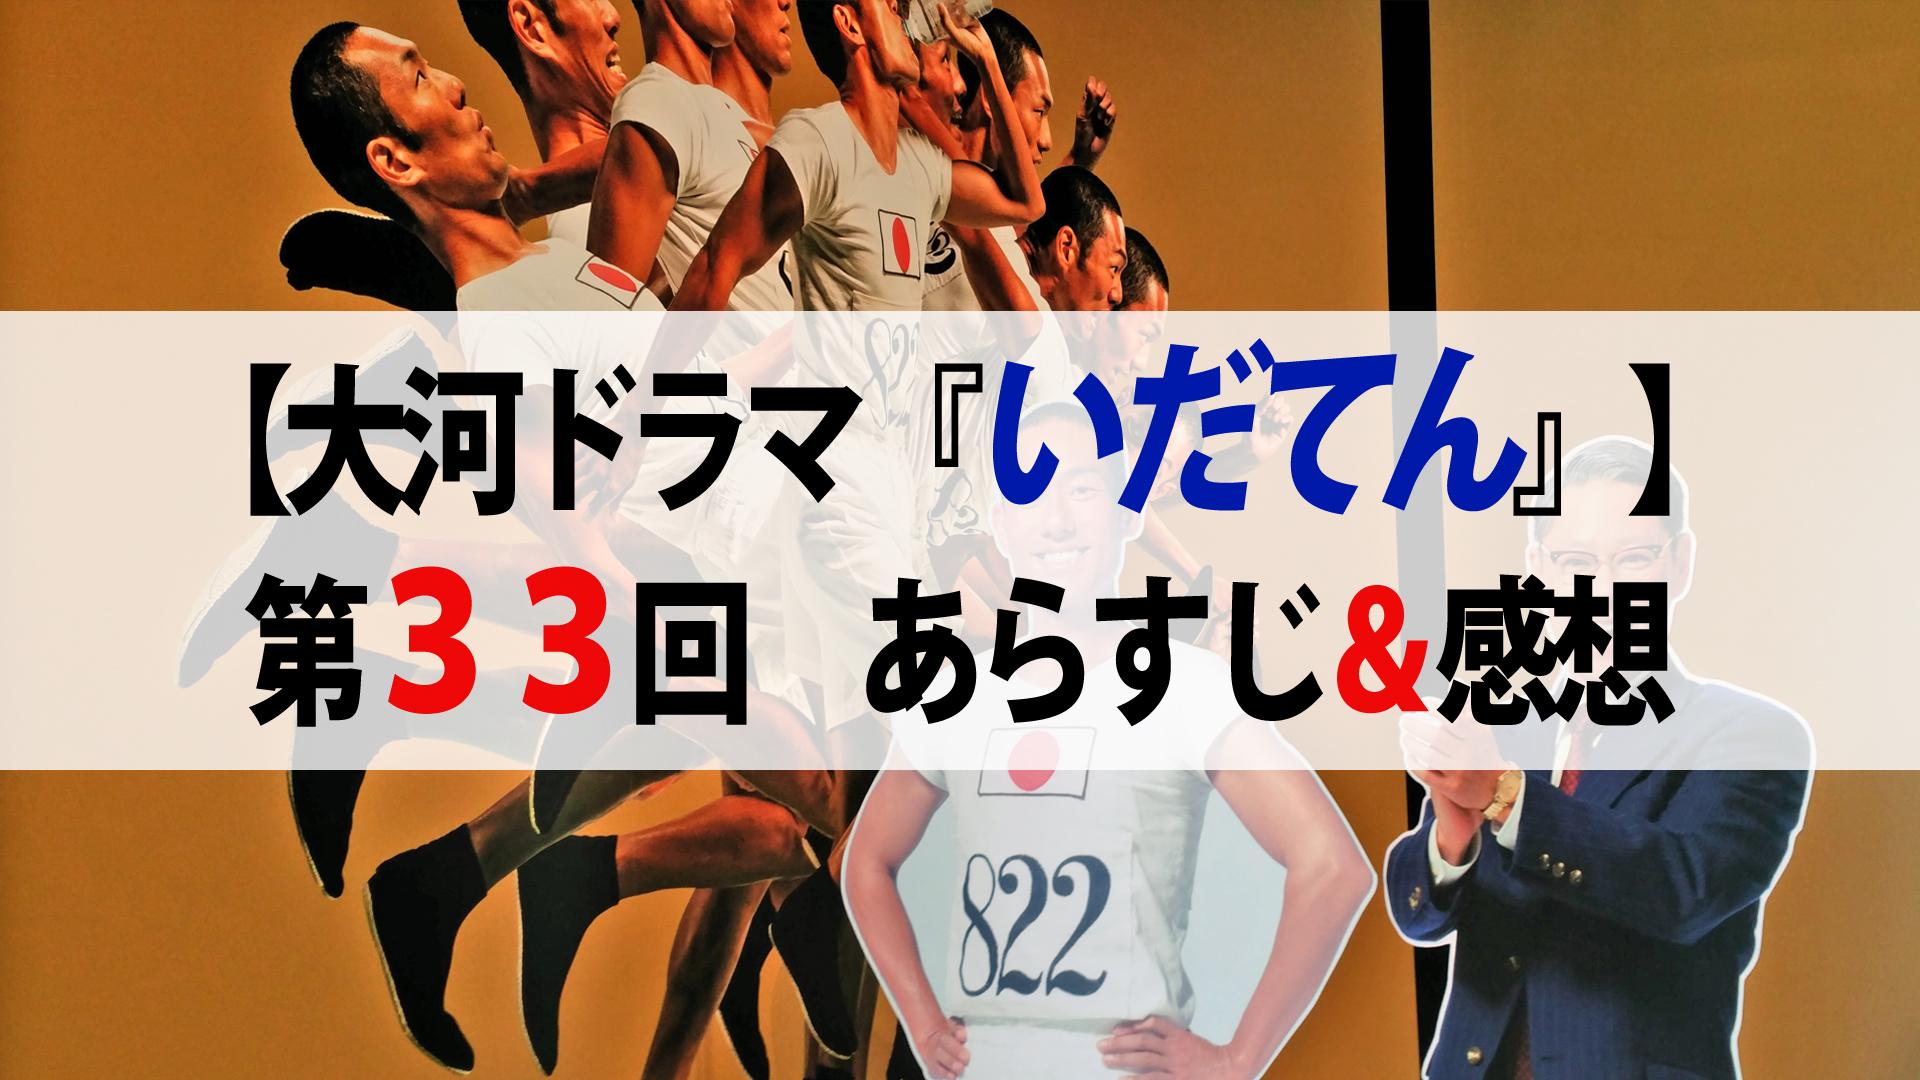 【大河ドラマ『いだてん』】第33回『仁義なき戦い』あらすじ&感想